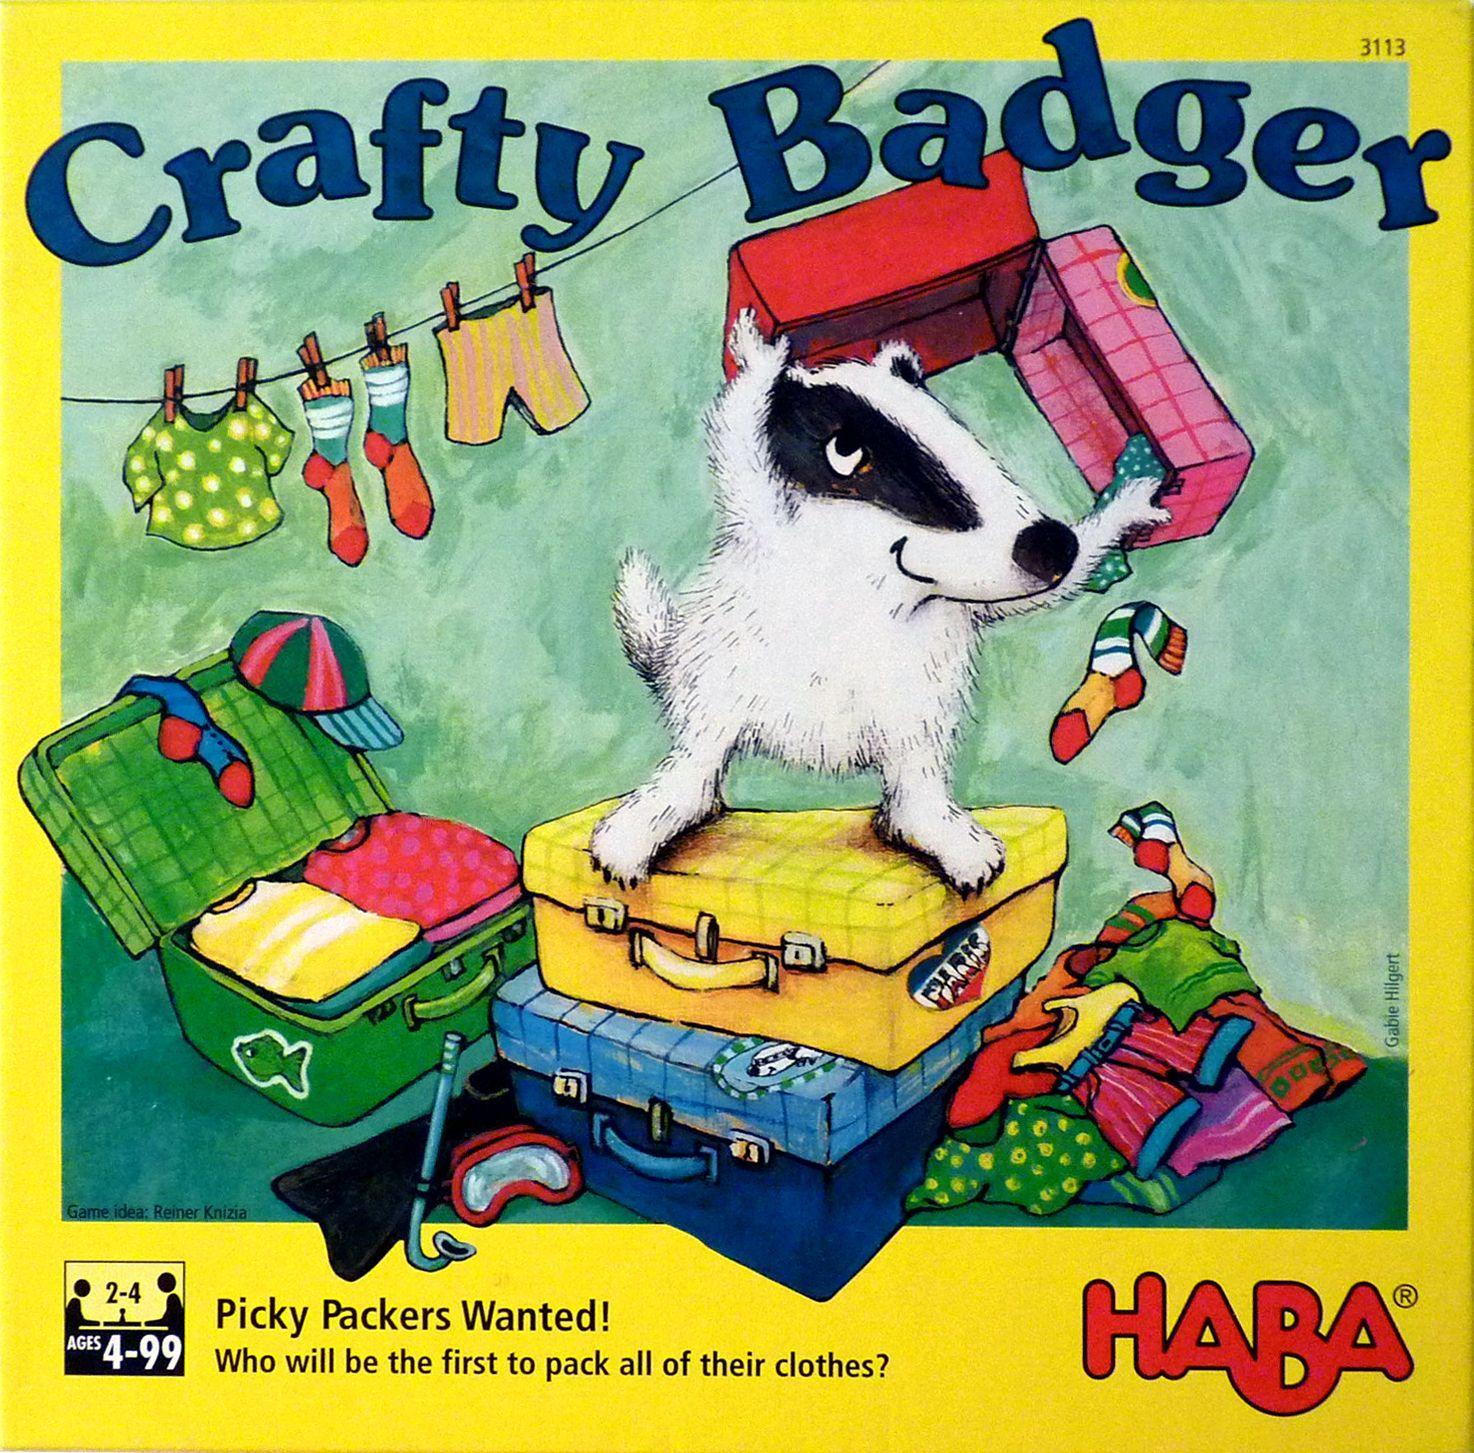 настольная игра Crafty Badger Коварный барсук